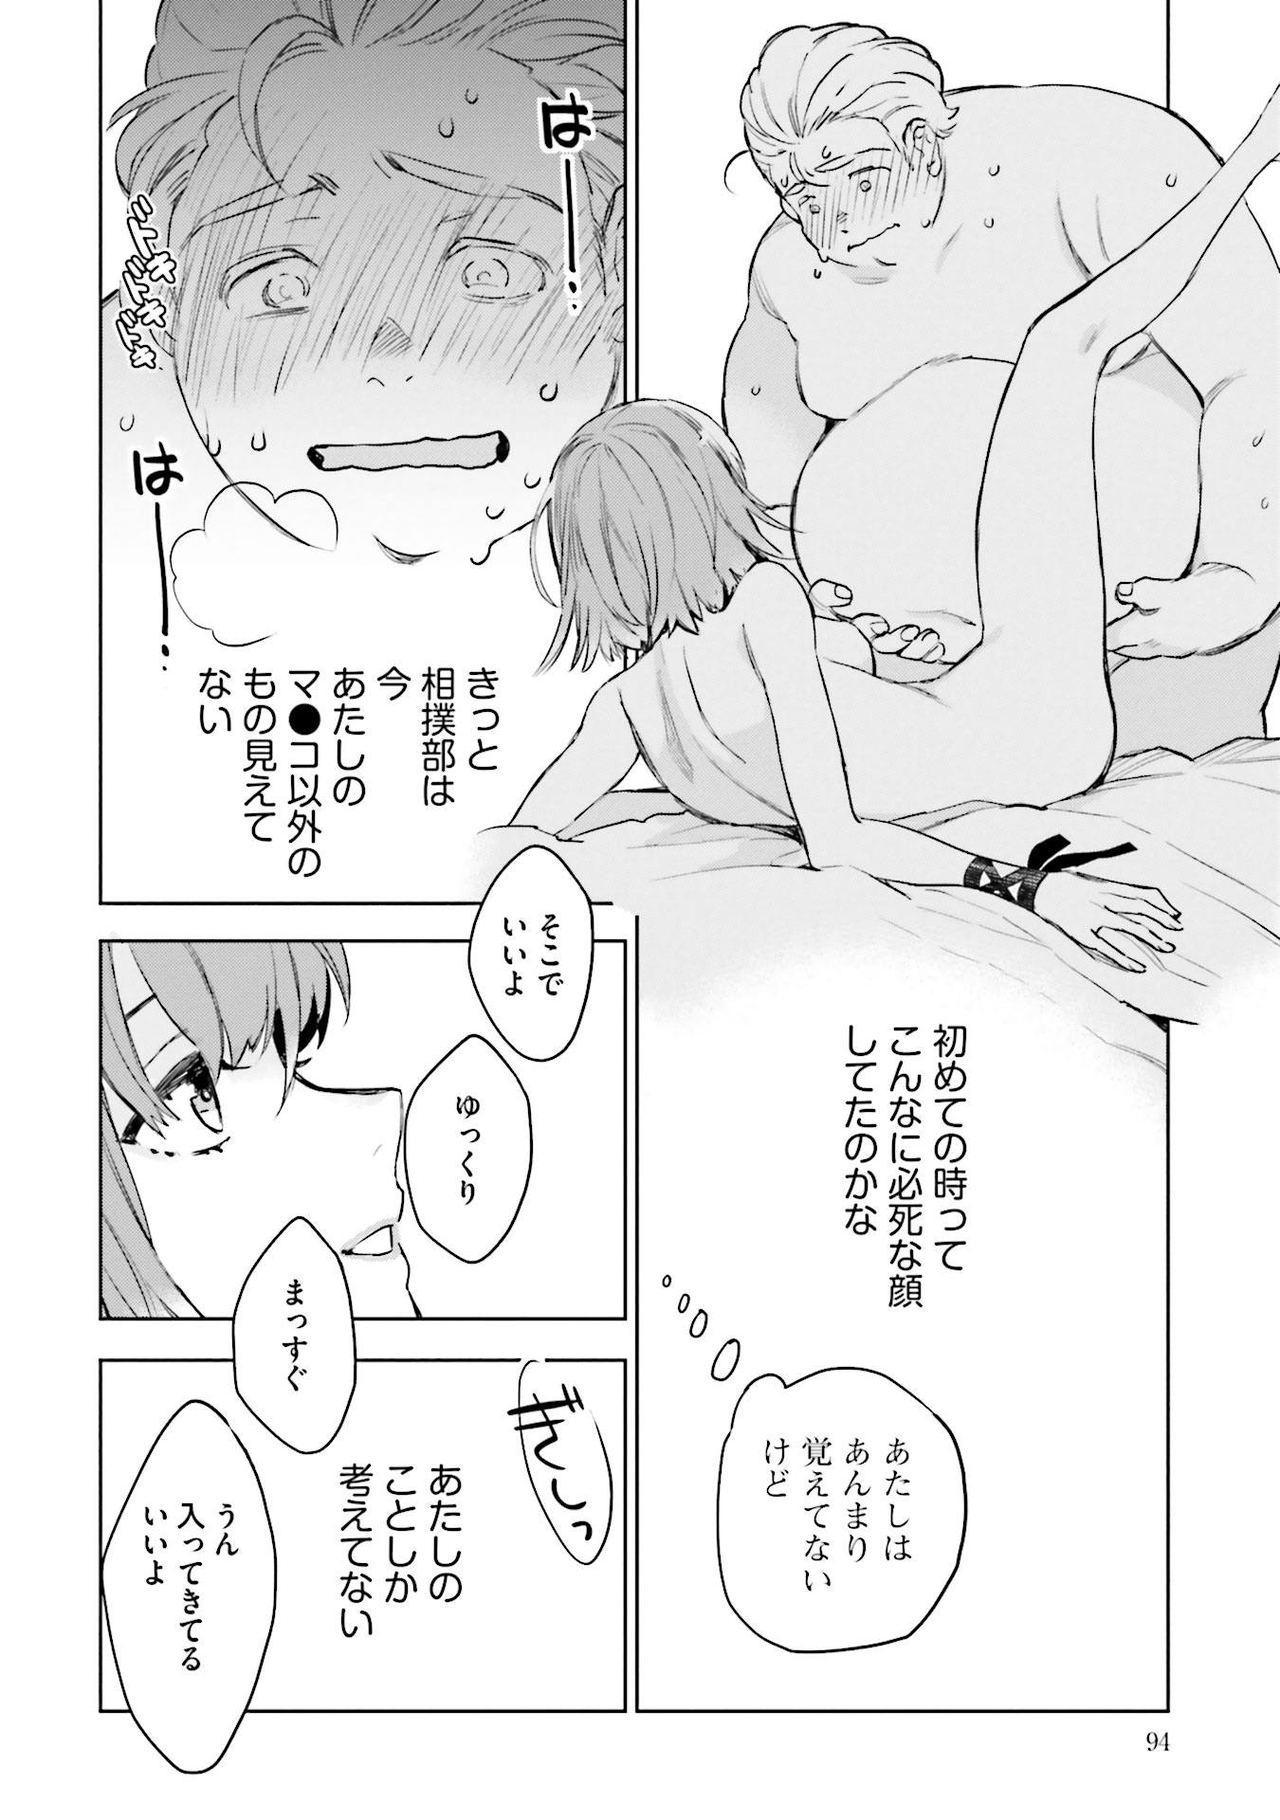 JK Haru wa Isekai de Shoufu ni Natta 1-14 282